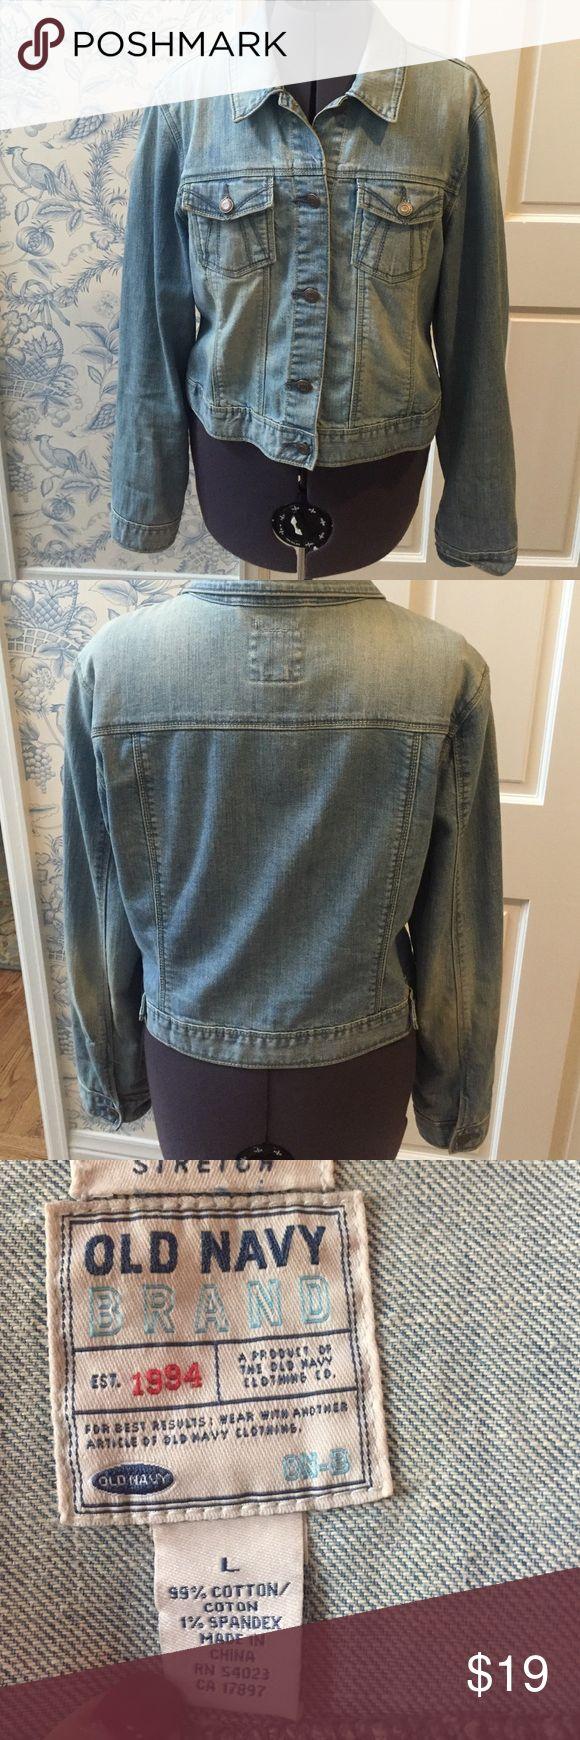 Old Navy light wash denim jacket size L Old Navy light wash denim jacket. Size L. Old Navy Jackets & Coats Jean Jackets